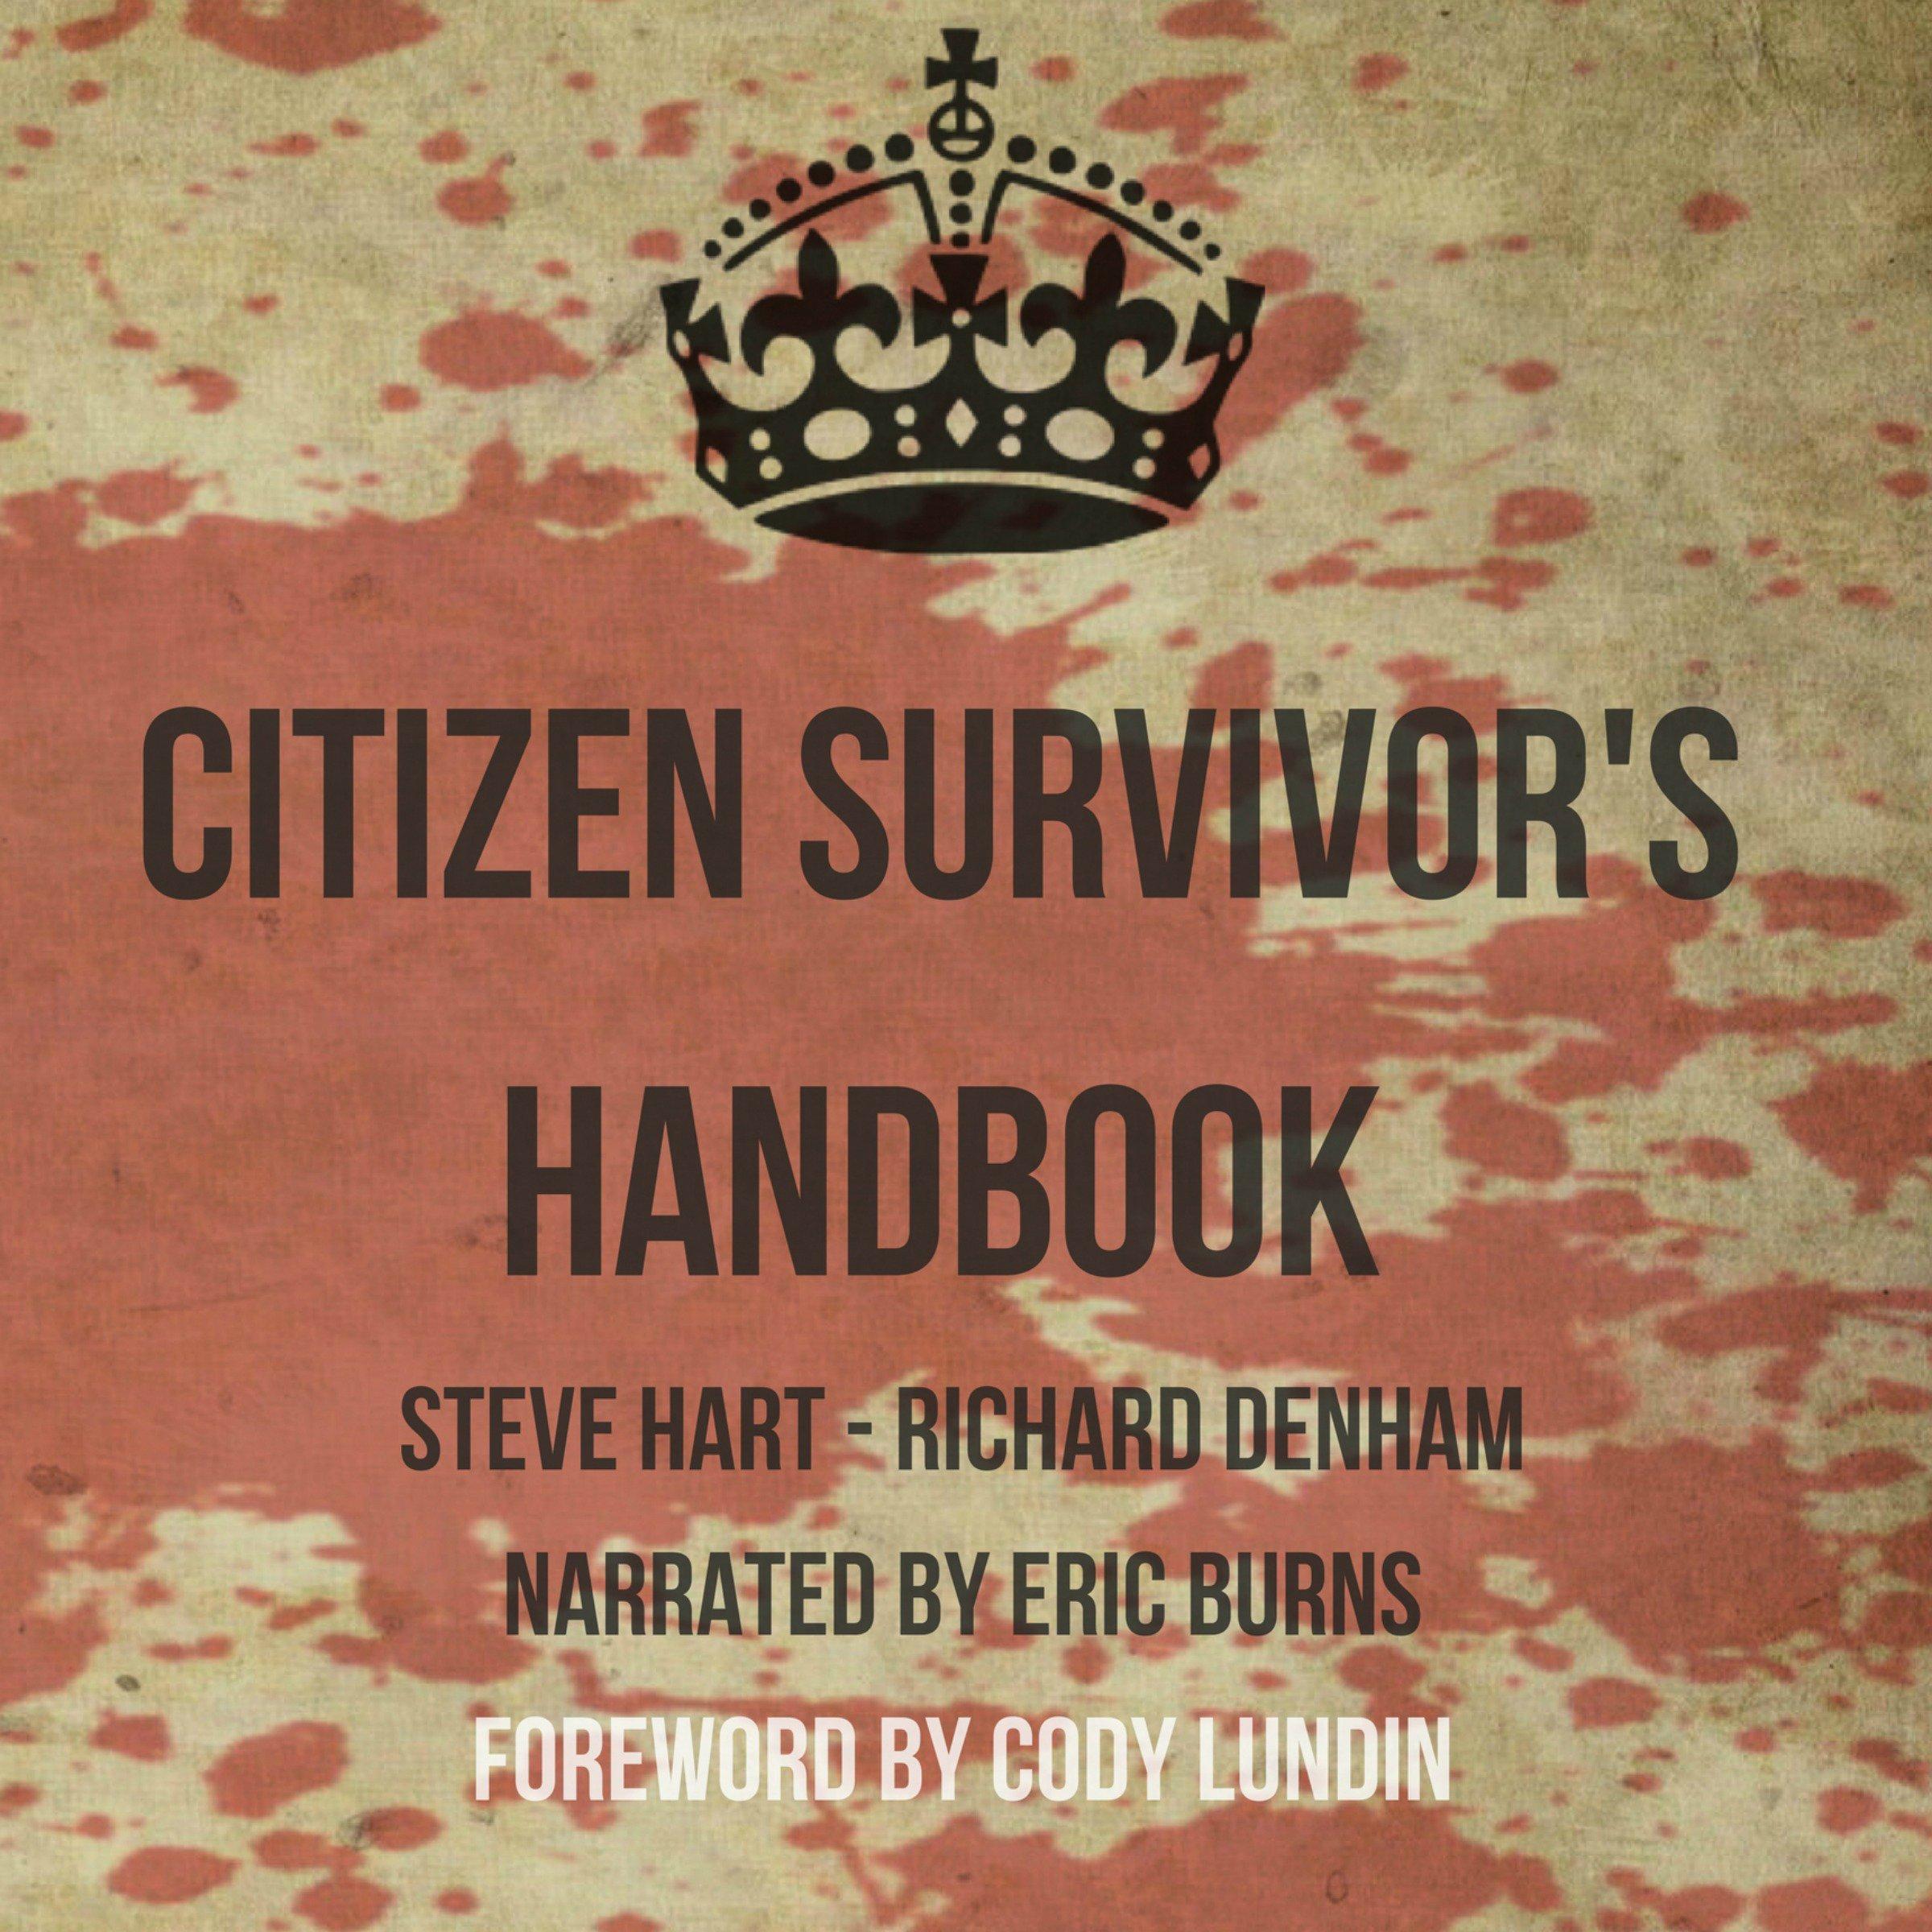 The Citizen Survivor's Handbook